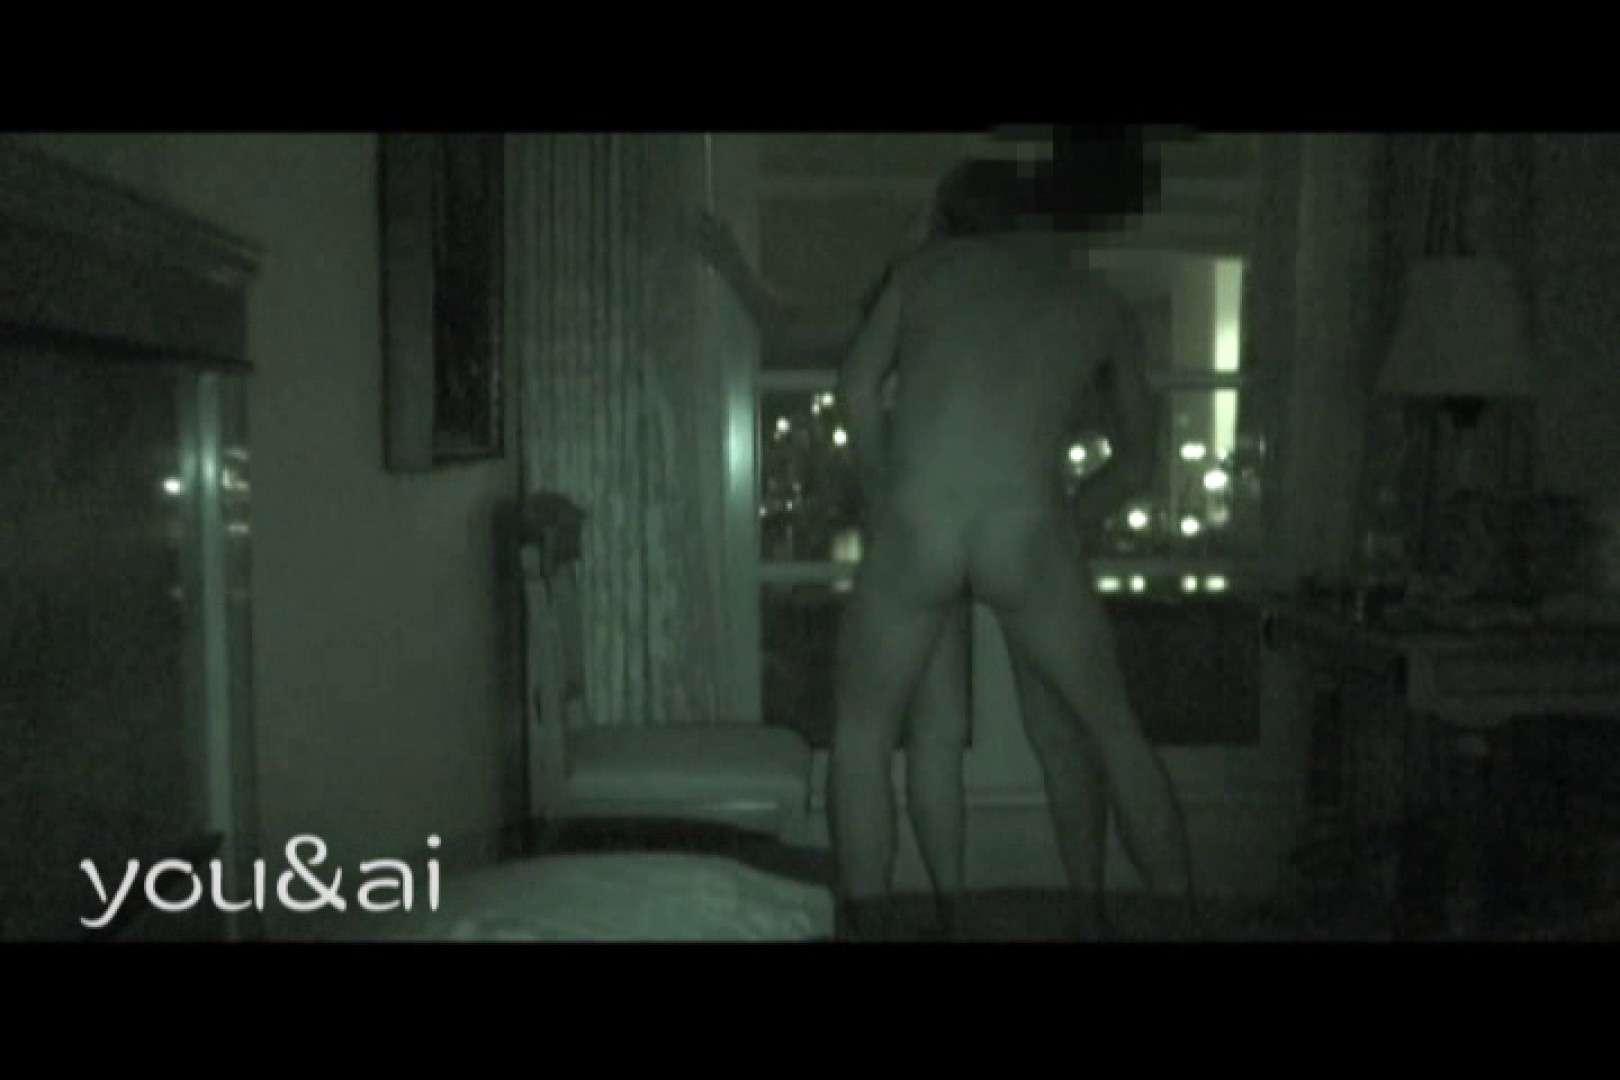 おしどり夫婦のyou&aiさん投稿作品vol.10 投稿映像 | ホテル  79pic 65